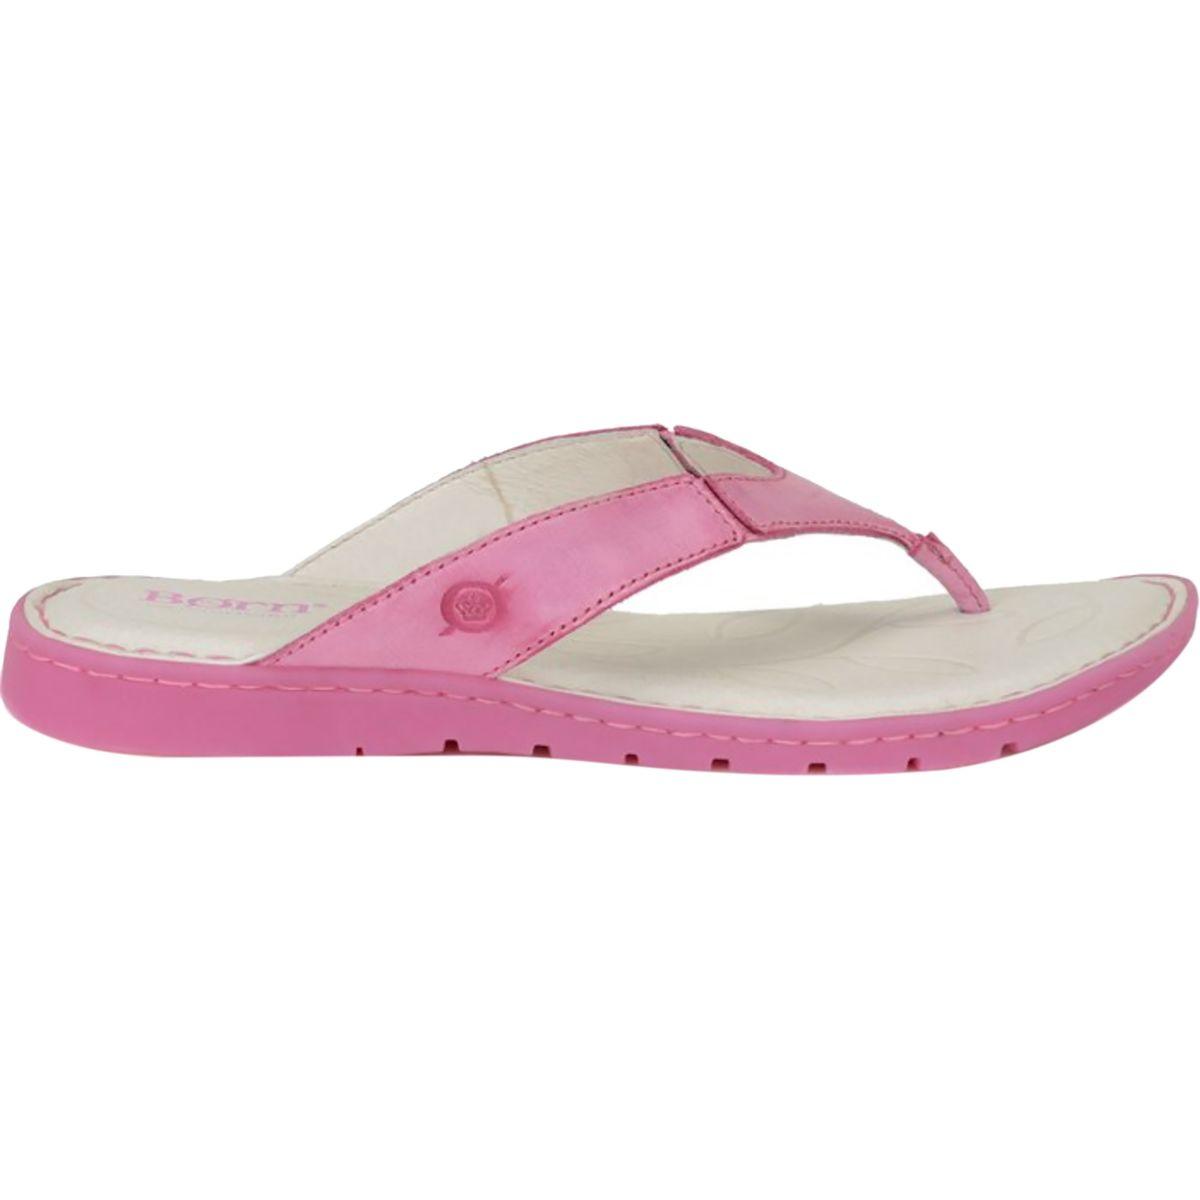 Born Shoes Amelie Flip Flop - Women's